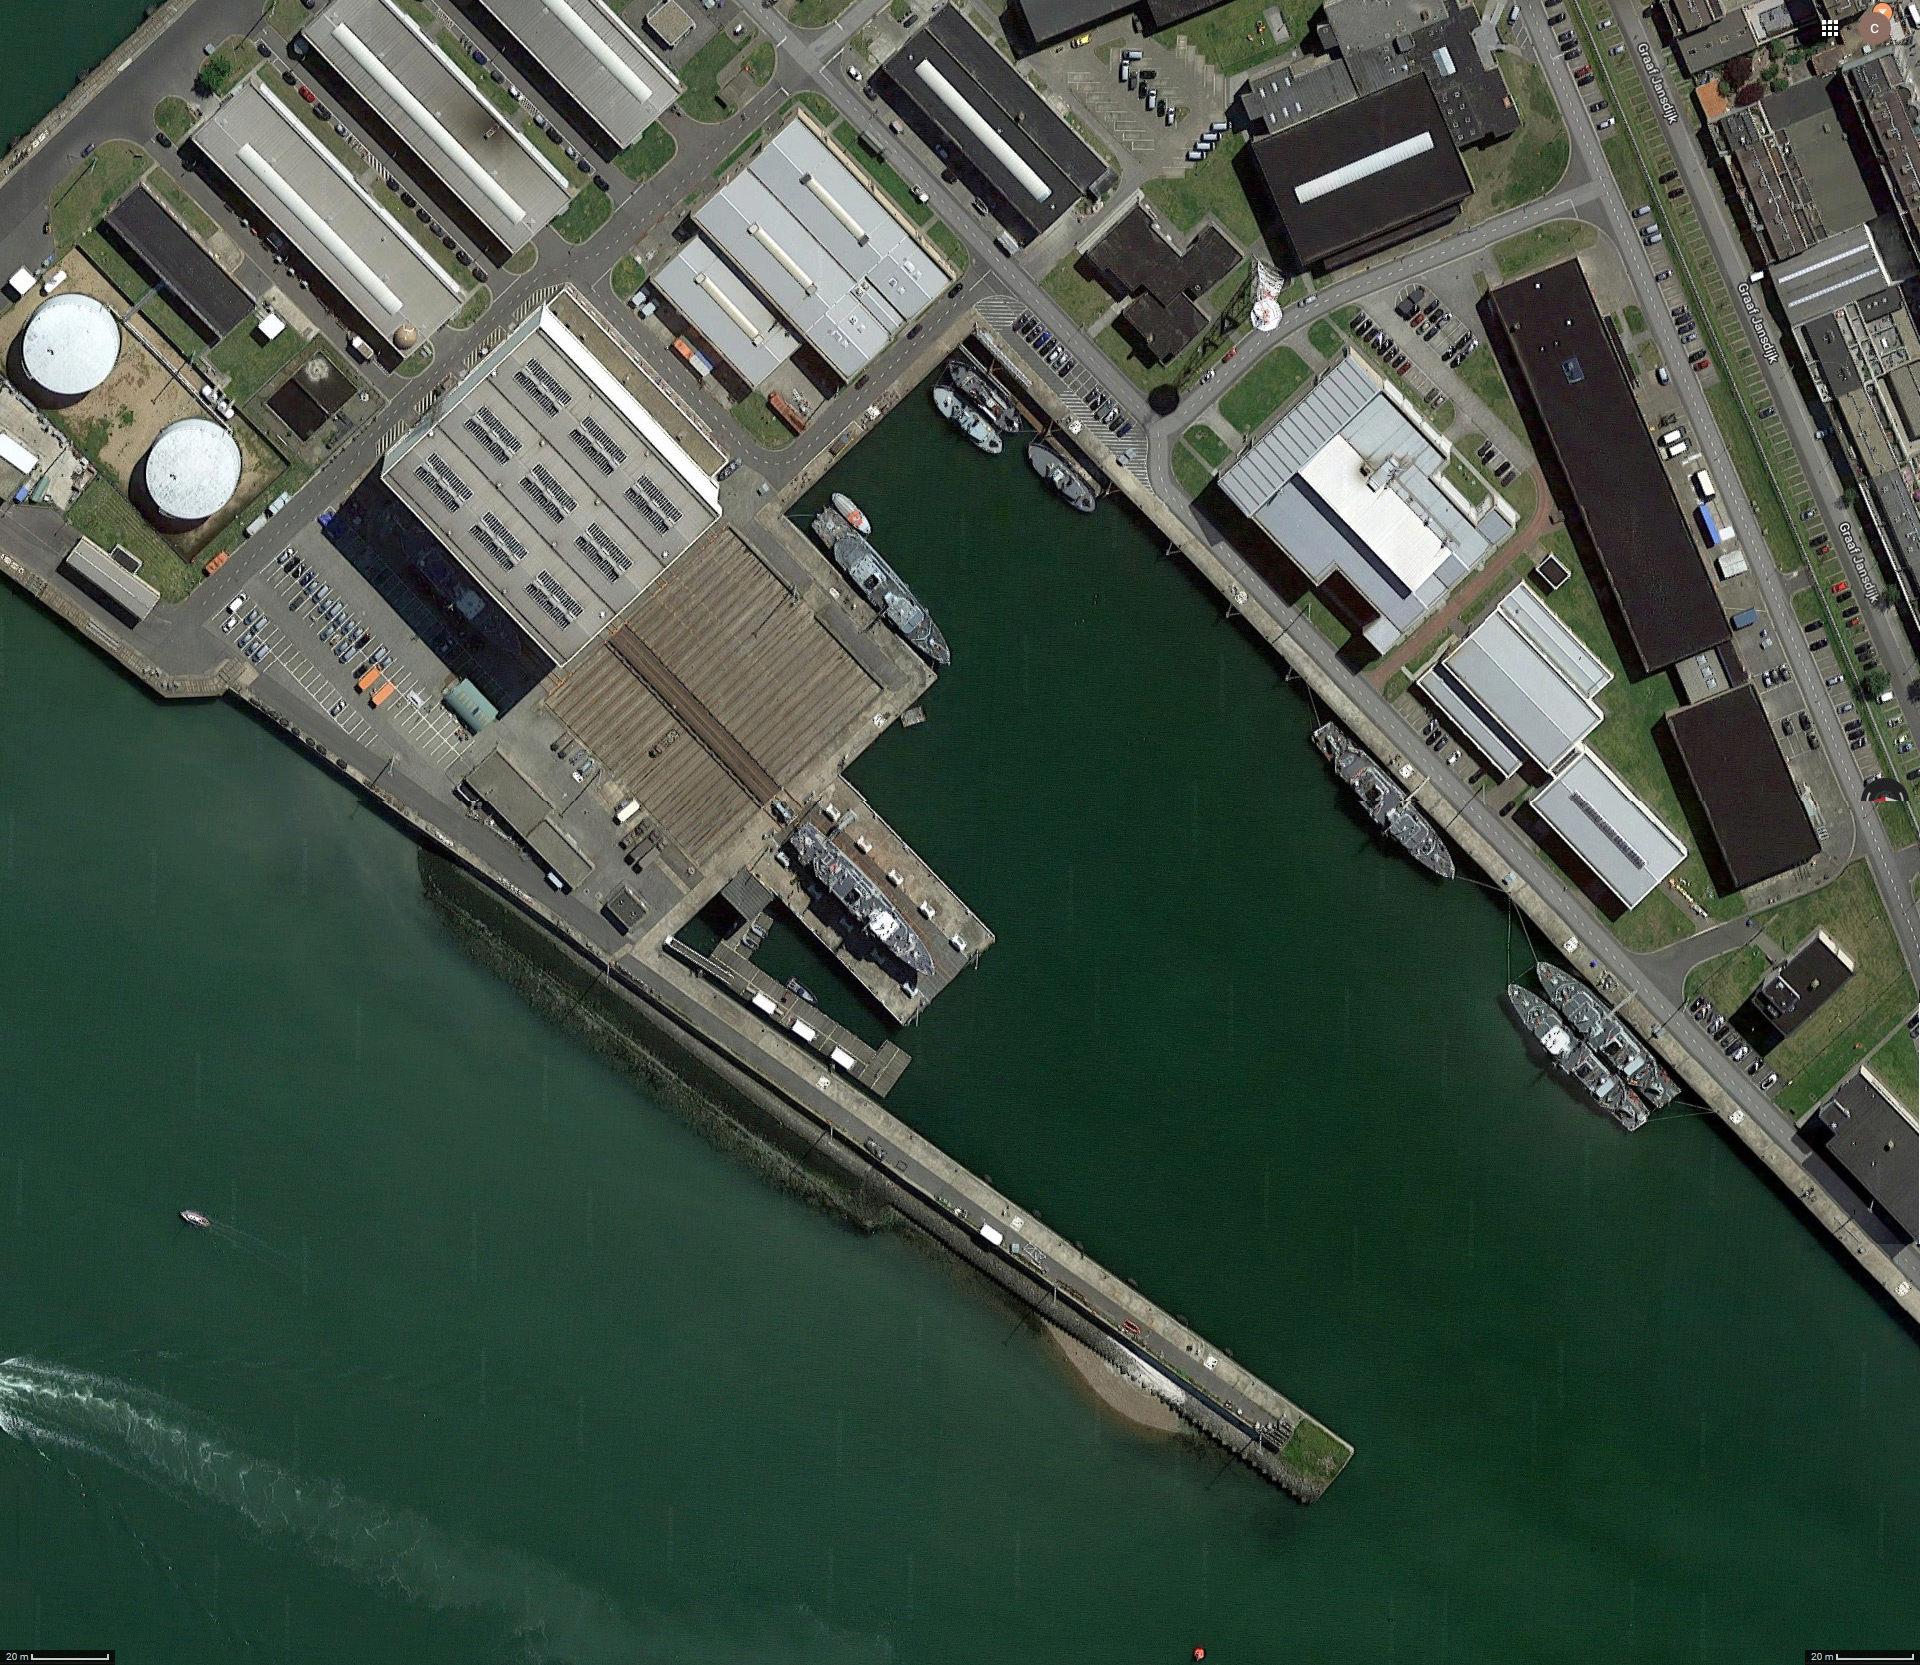 Réaménagement de la base navale de Zeebrugge - Page 2 Hangar10